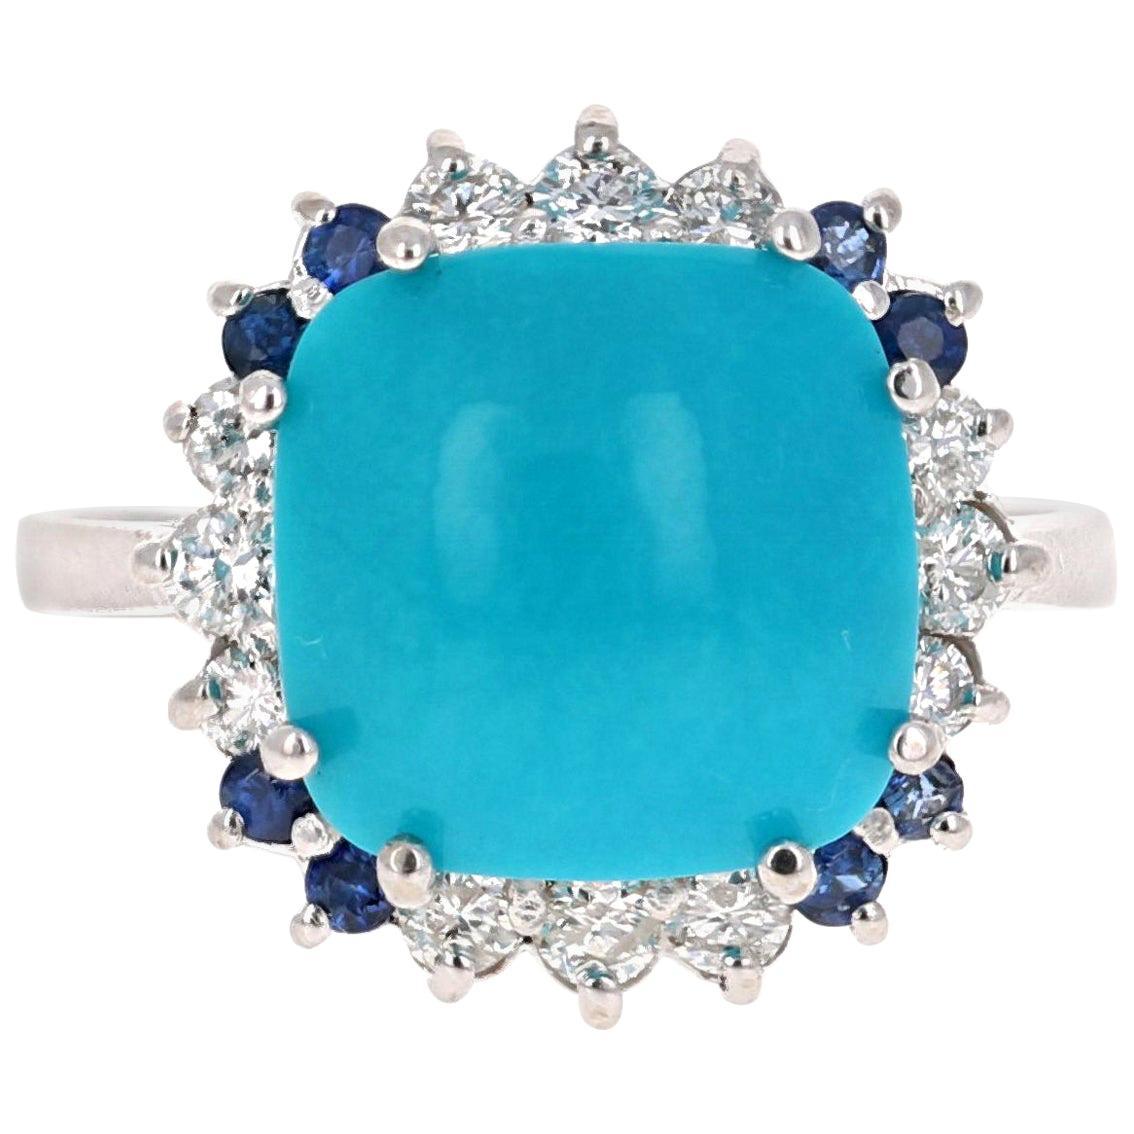 5.73 Carat Turquoise Sapphire Diamond 14 Karat White Gold Cocktail Ring